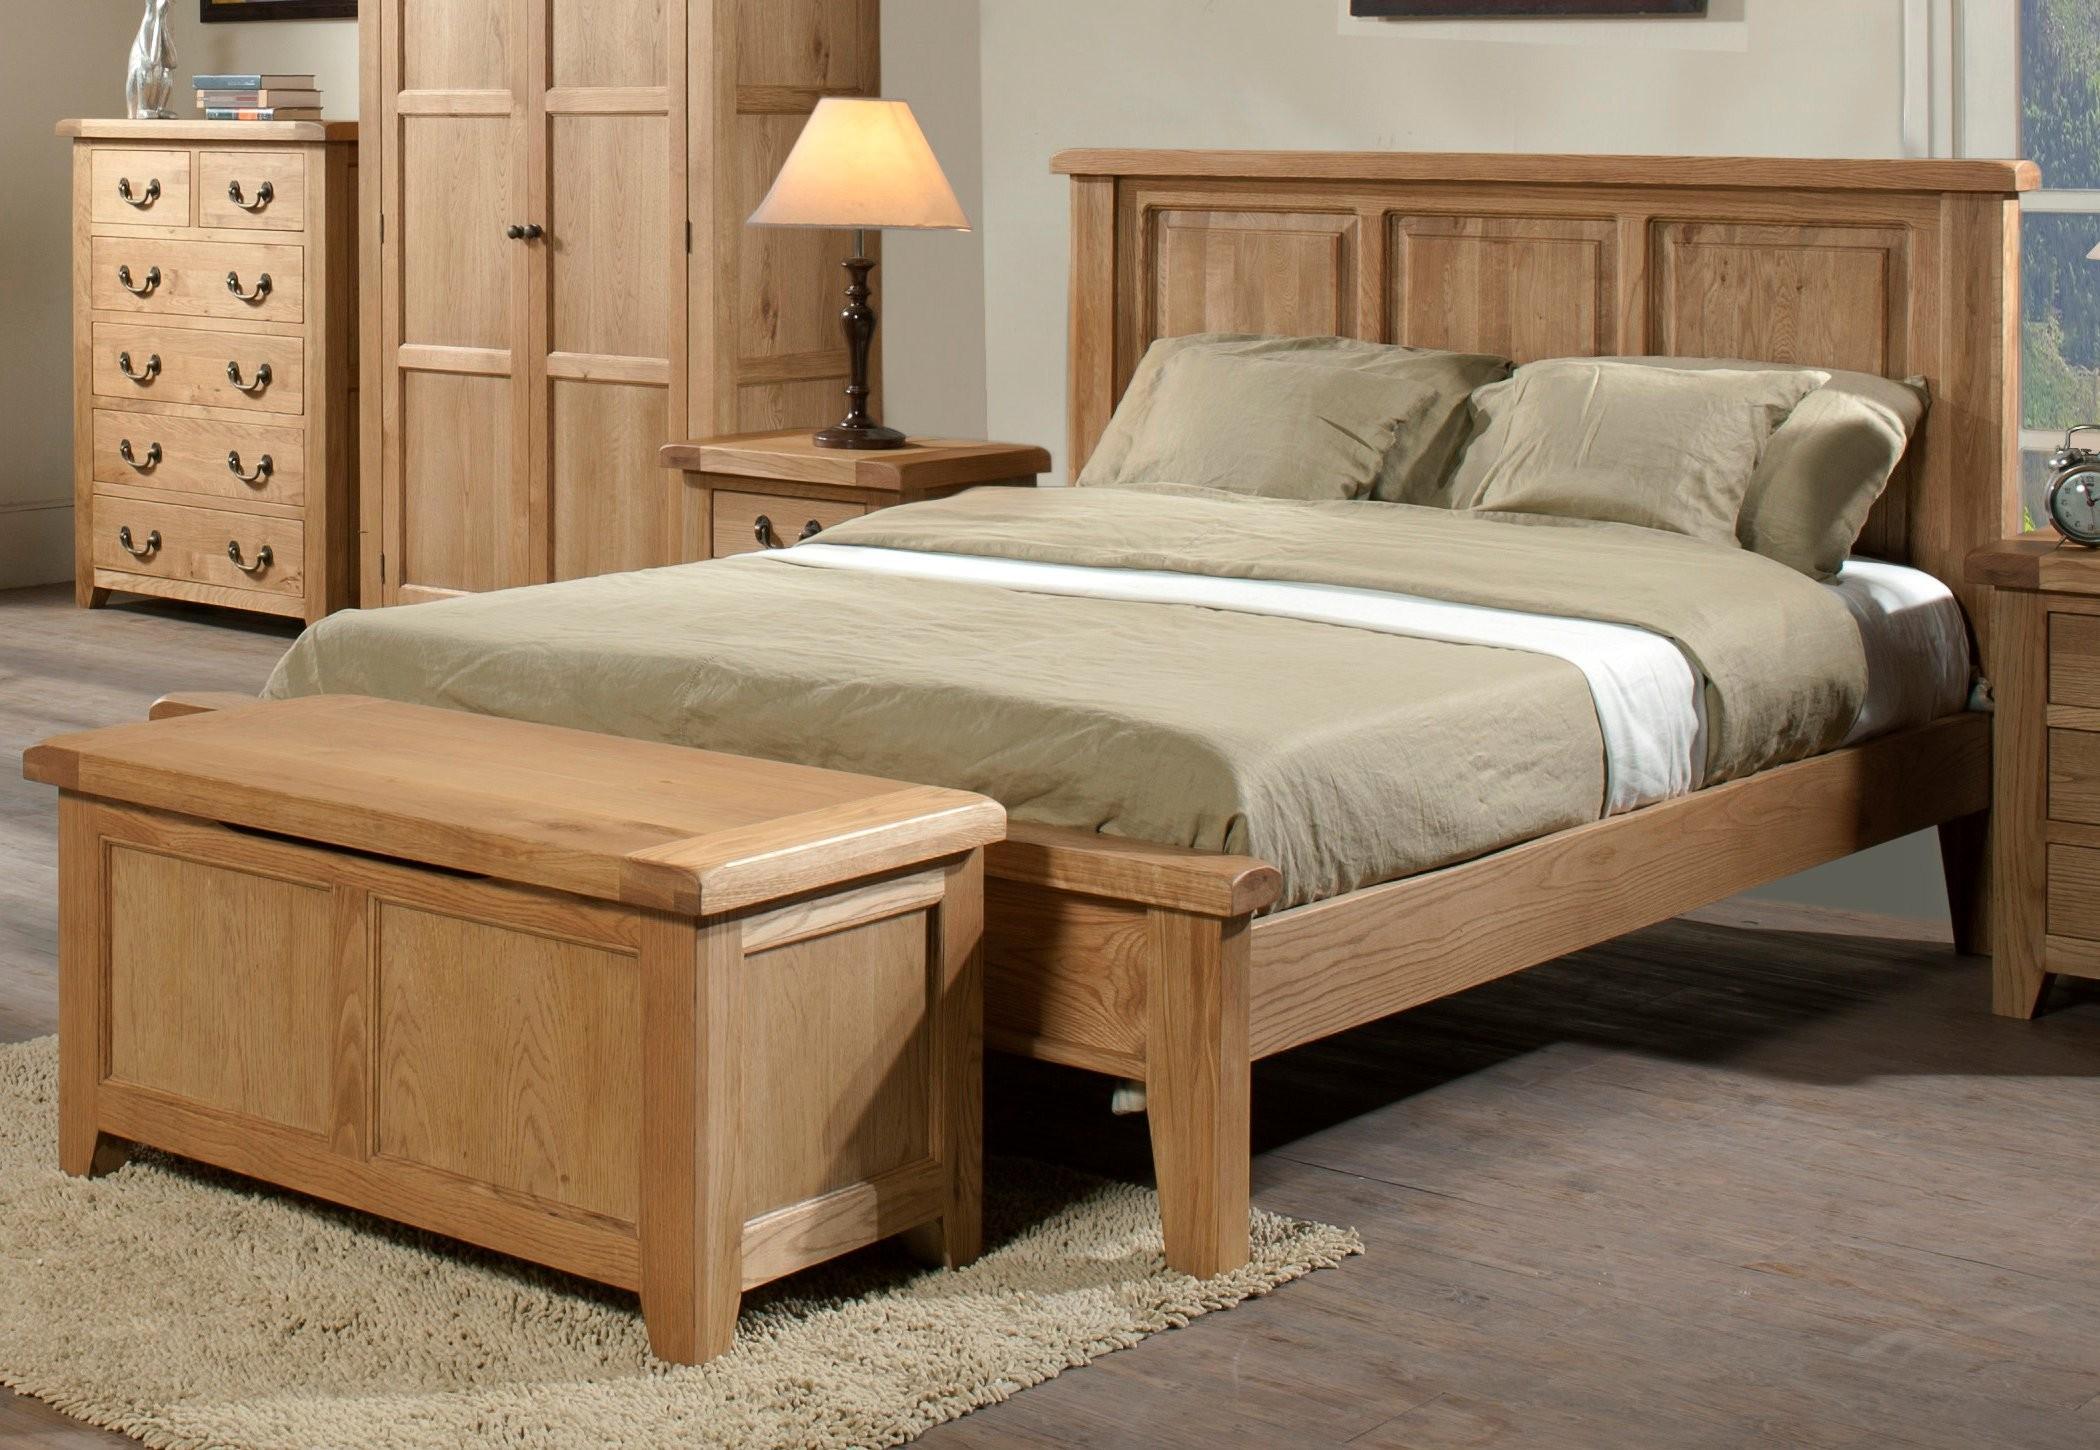 somerset oak wooden bed frame light wood wooden beds beds BOMQUKV